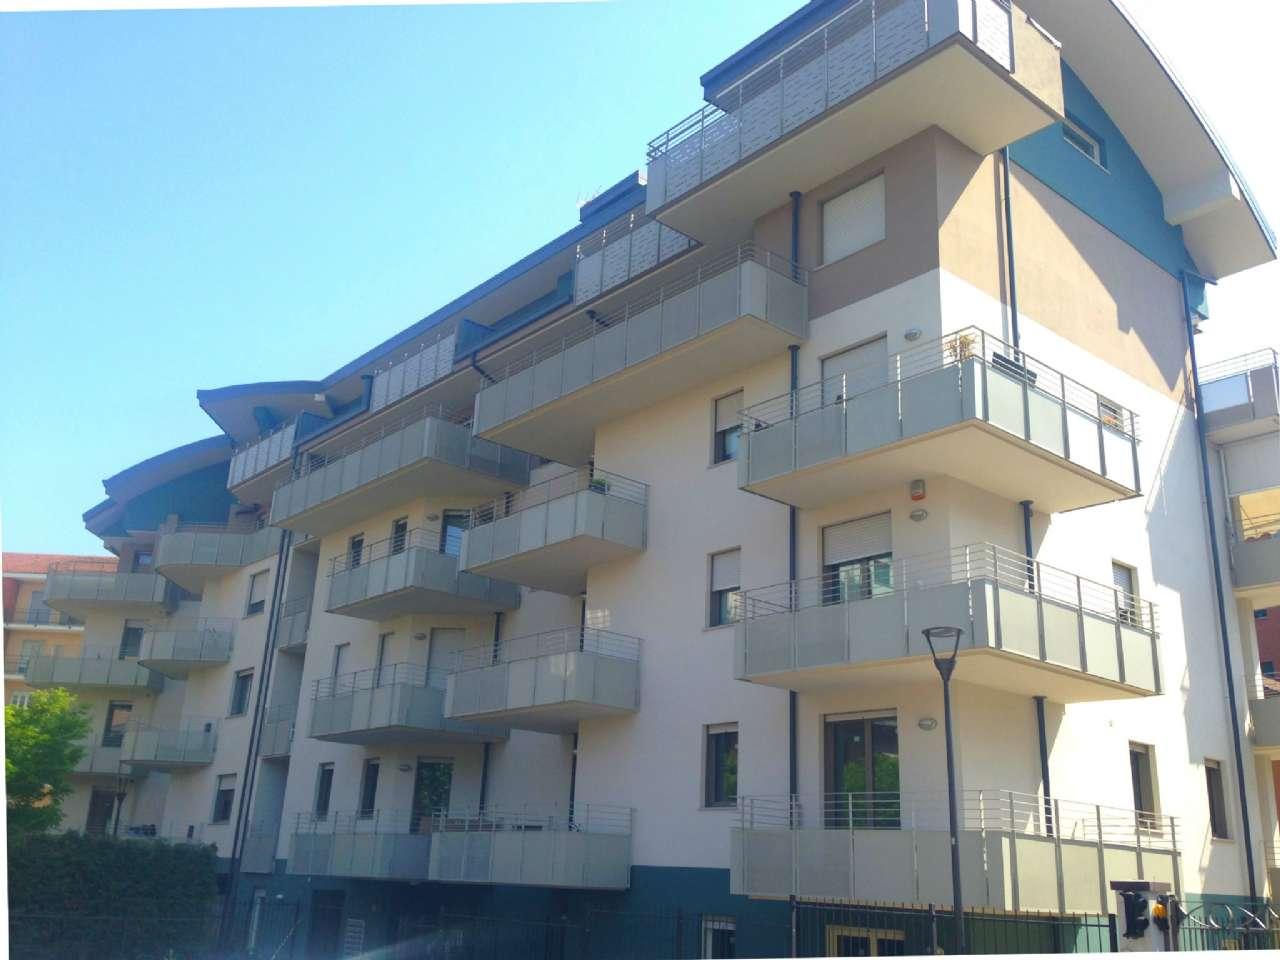 Appartamento in vendita a chieri cod 983 for Affitto chieri arredato